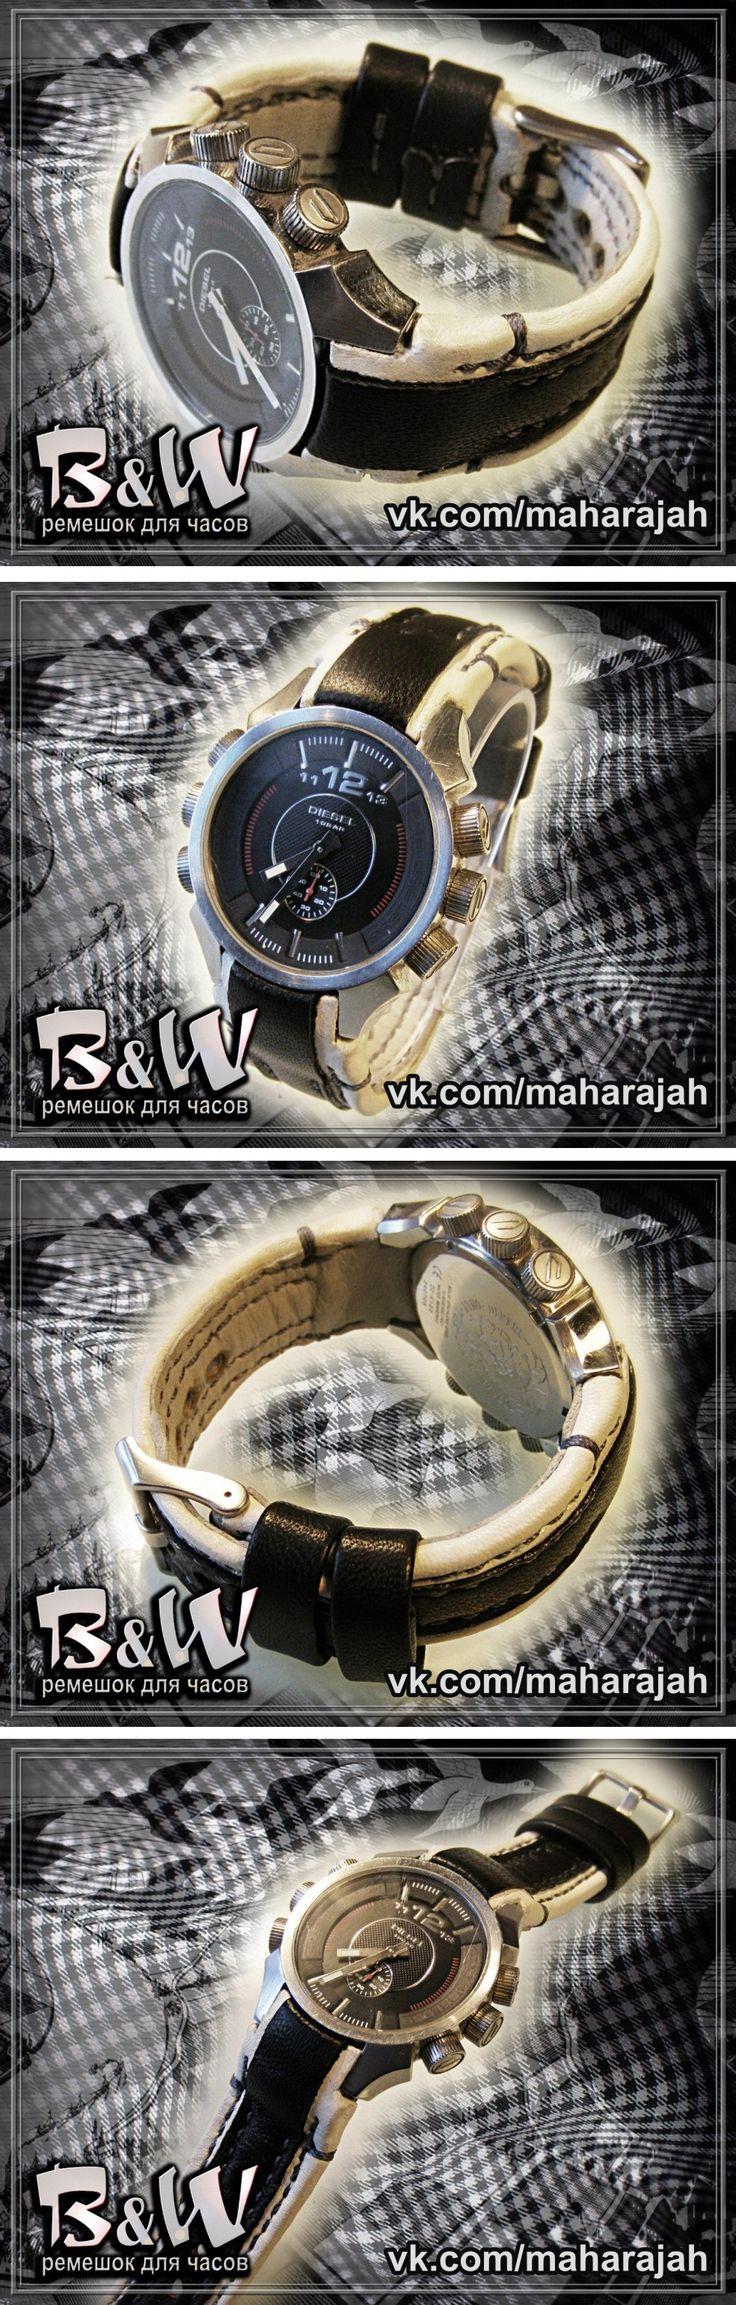 Watchbands Diesel. Браслет для часов Diesel. Натуральная кожа, прошивка лавсановой нитью в две иглы.